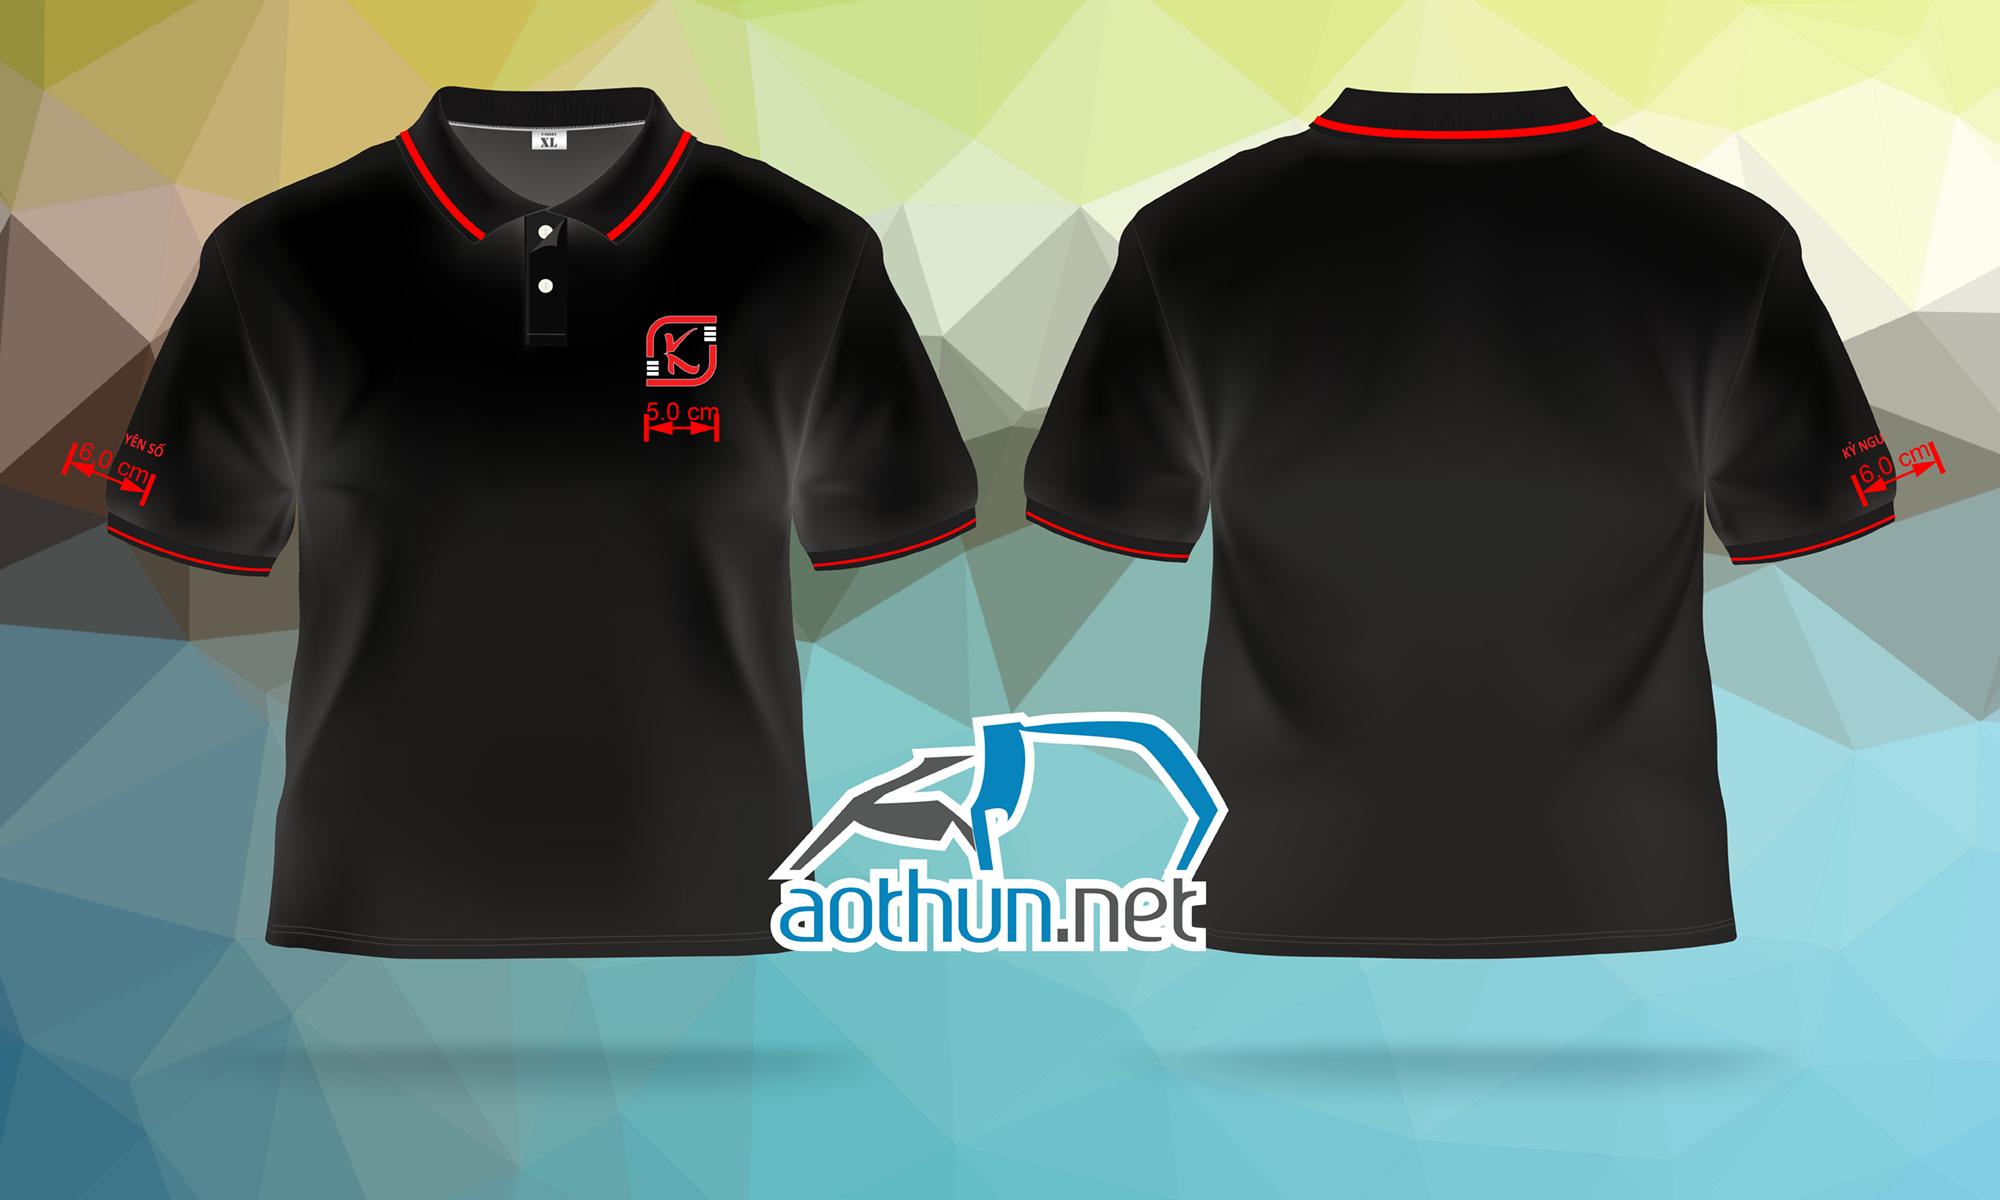 May áo thun đồng phục đẹp và nhanh cho Công ty Kỷ Nguyên Số